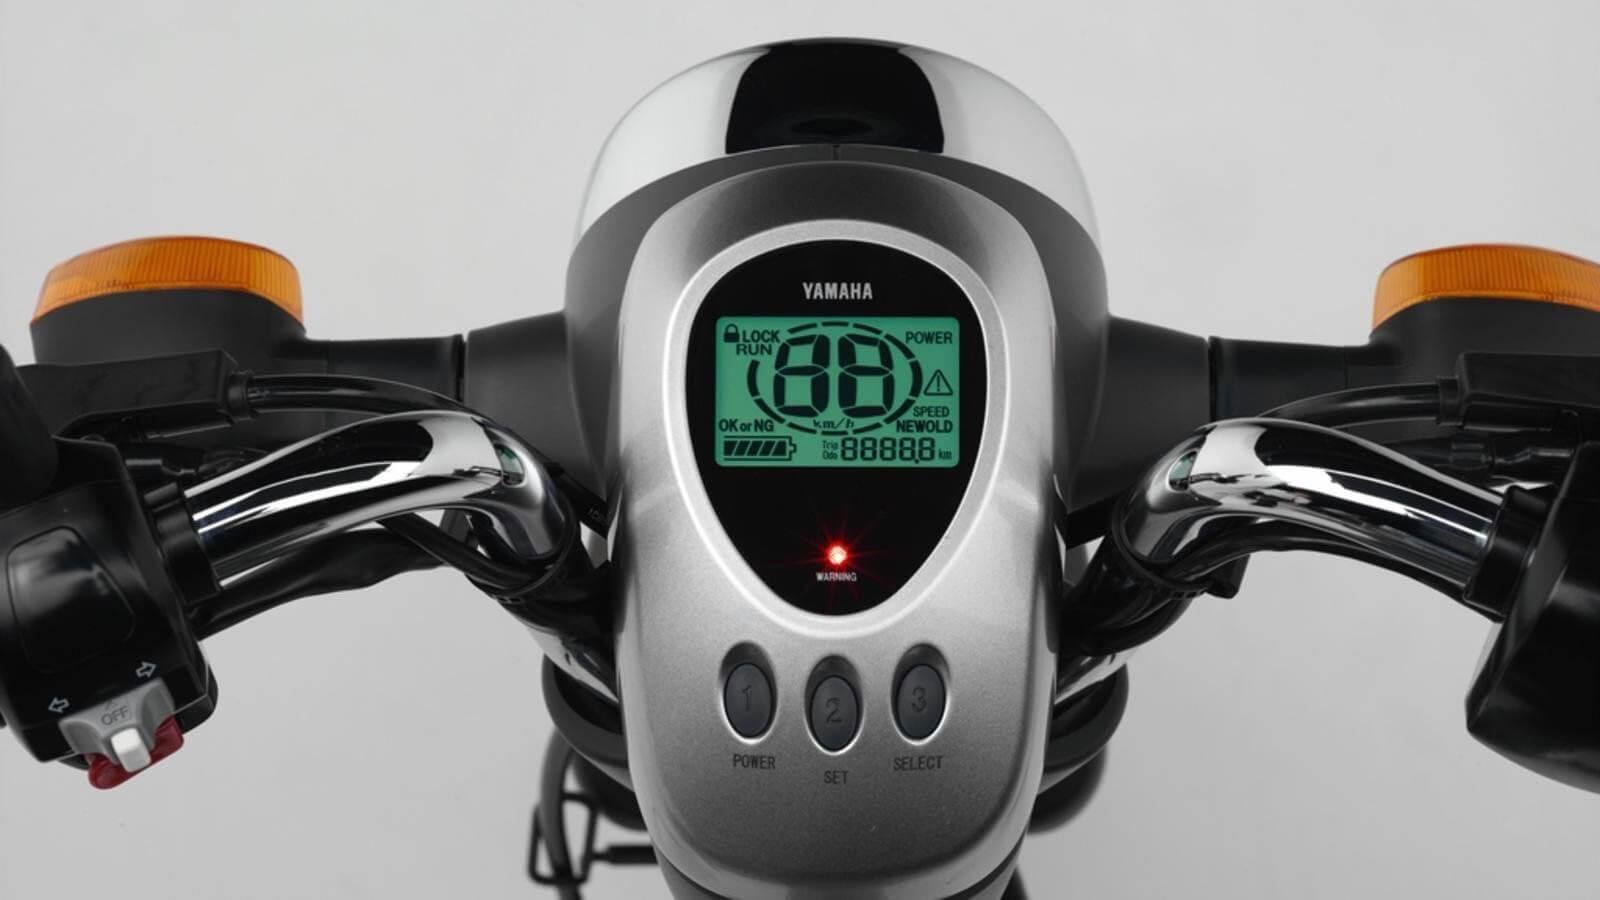 Yamaha EC-03 display